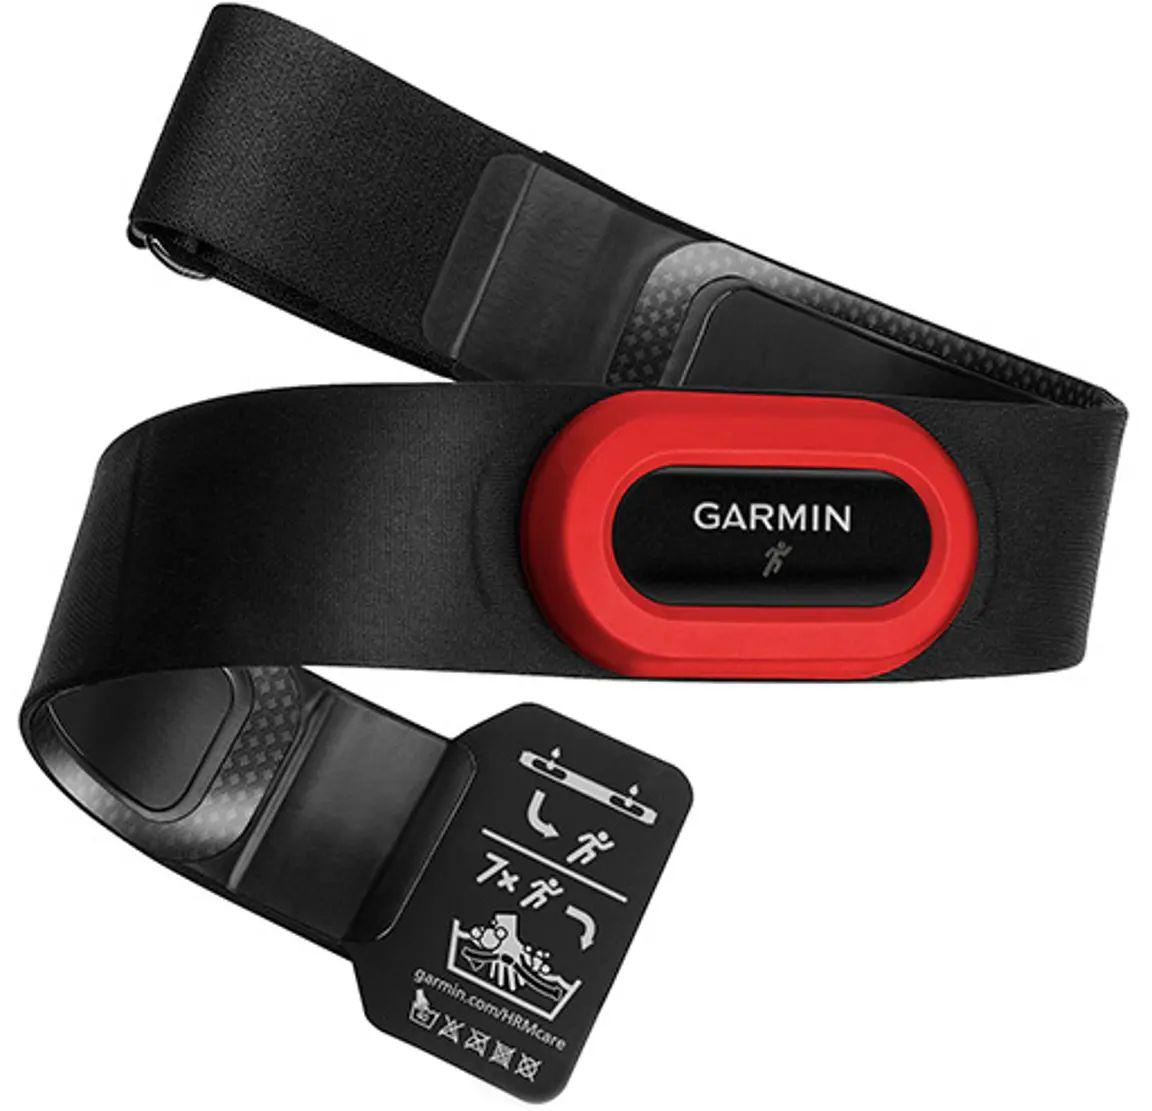 Monitor de frecuencia cardiaca HRM-Run